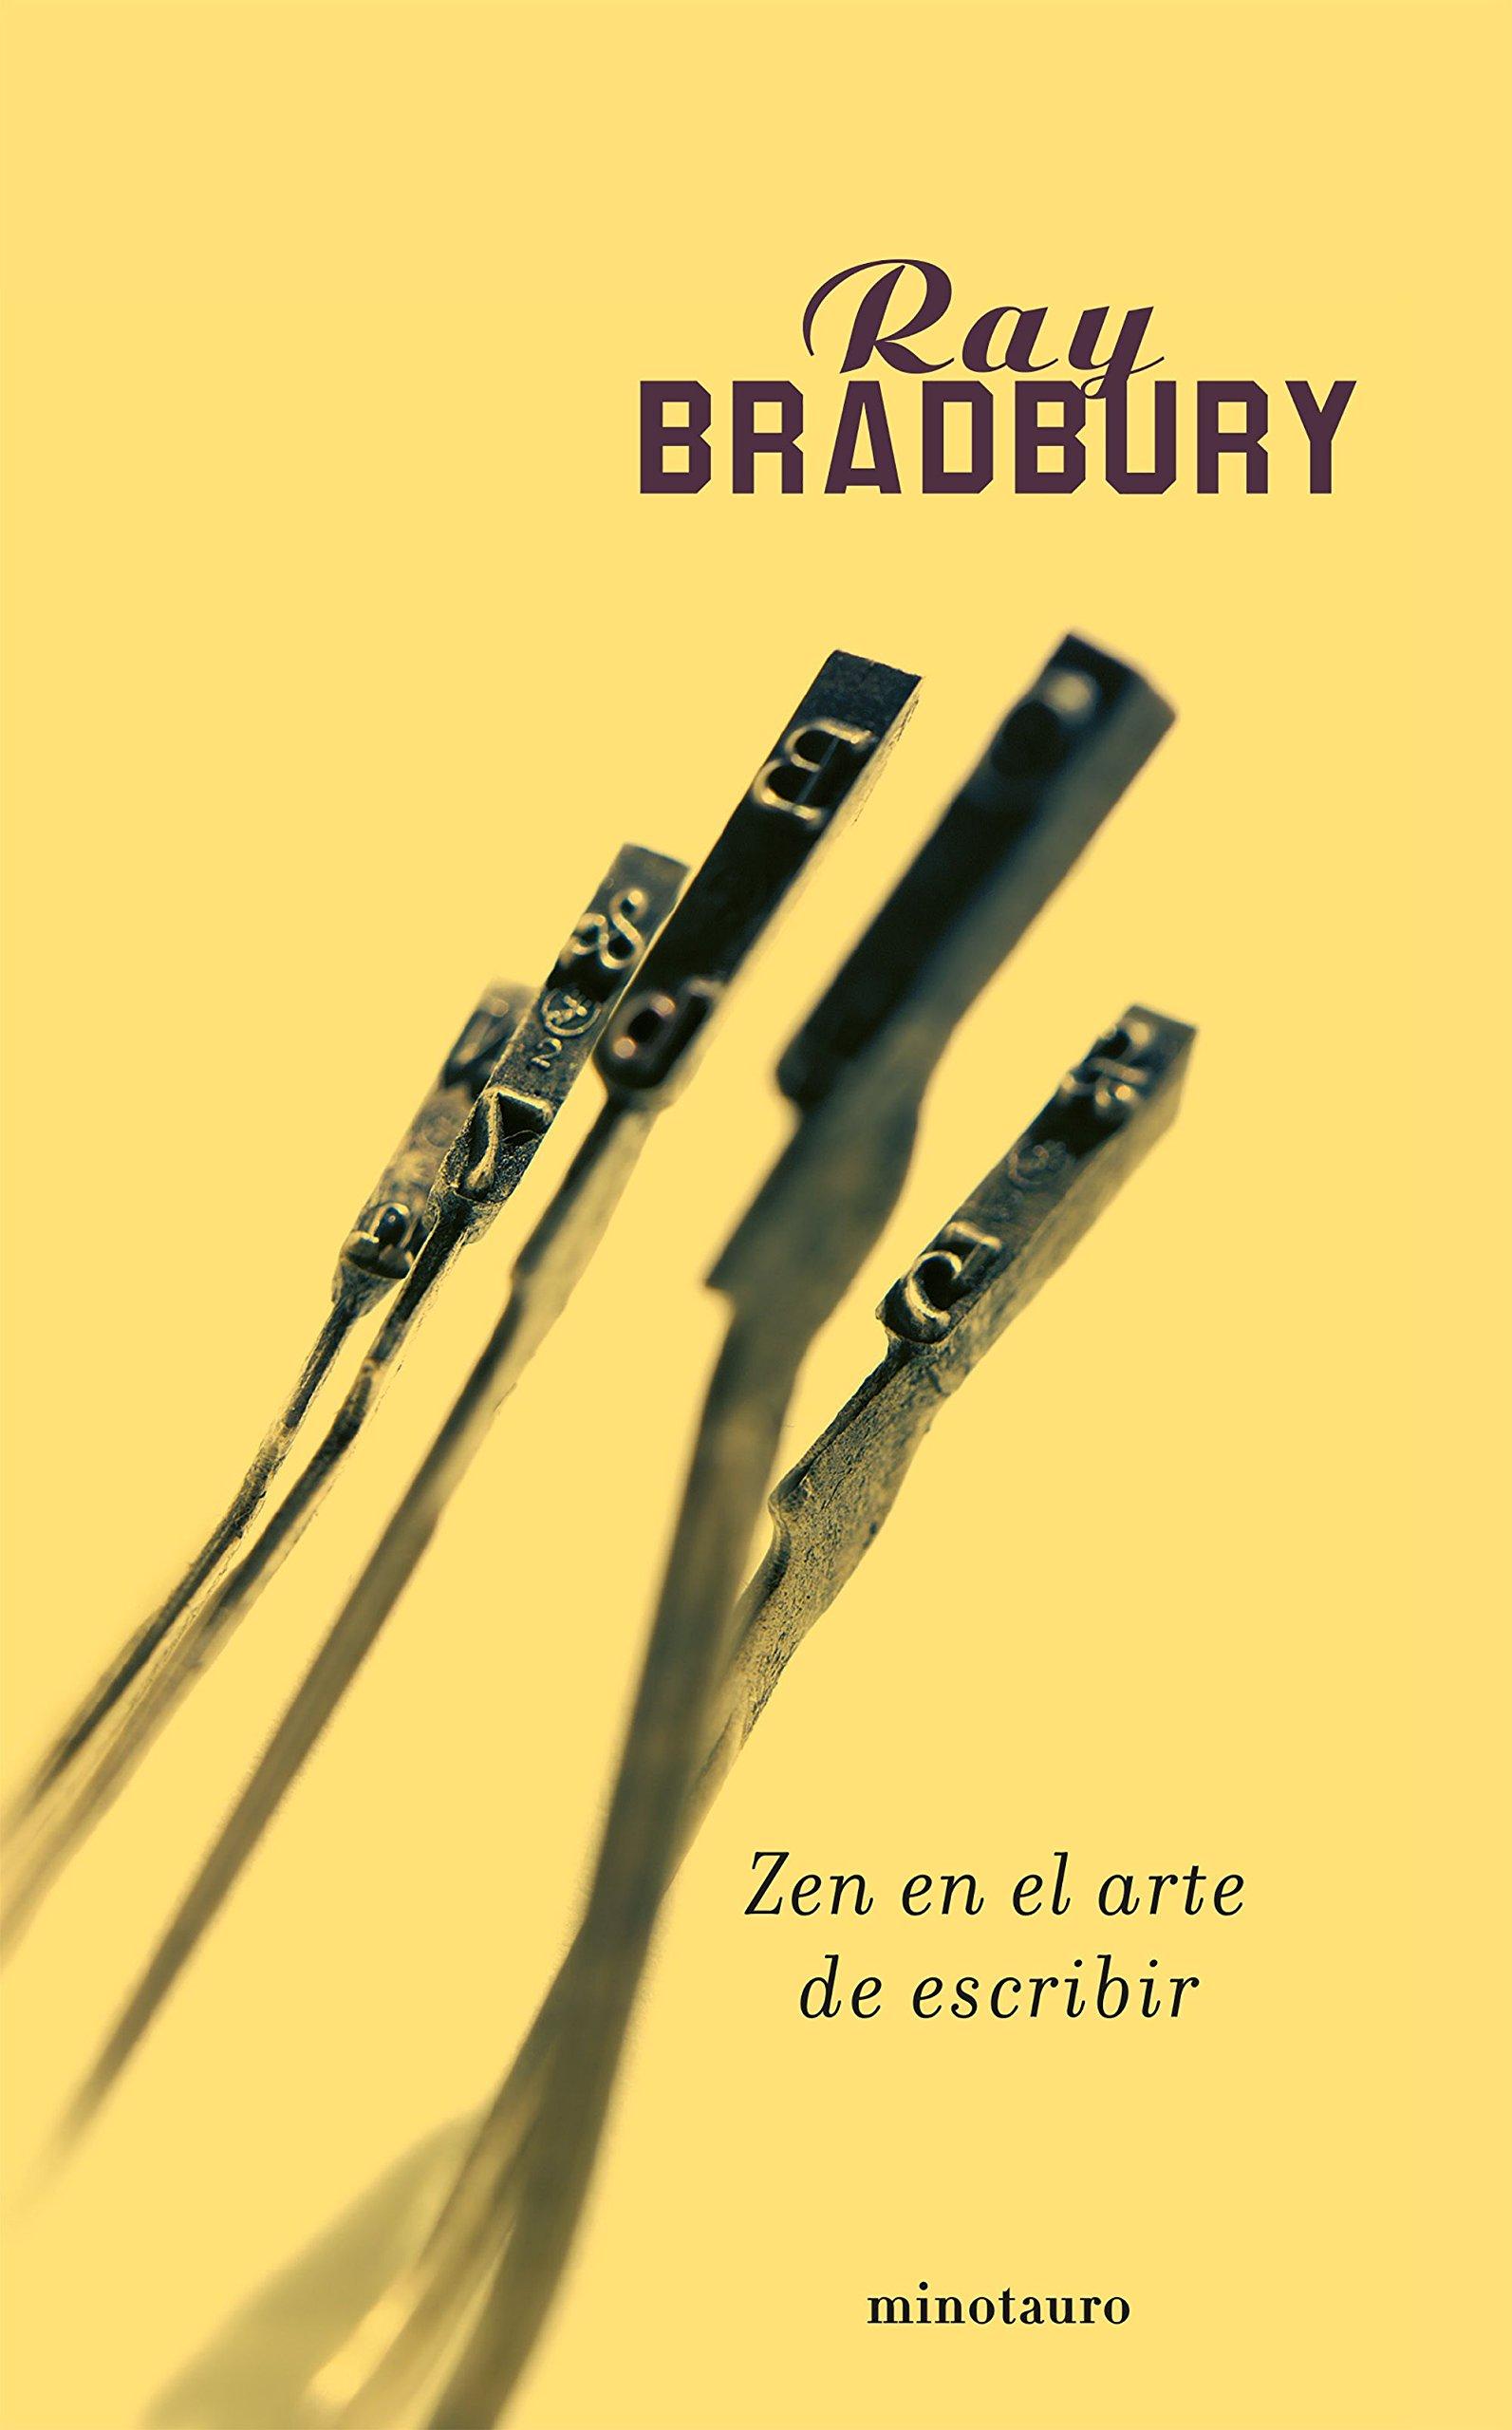 Zen en el arte de escribir (Biblioteca Ray Bradbury): Amazon.es: Ray Bradbury: Libros